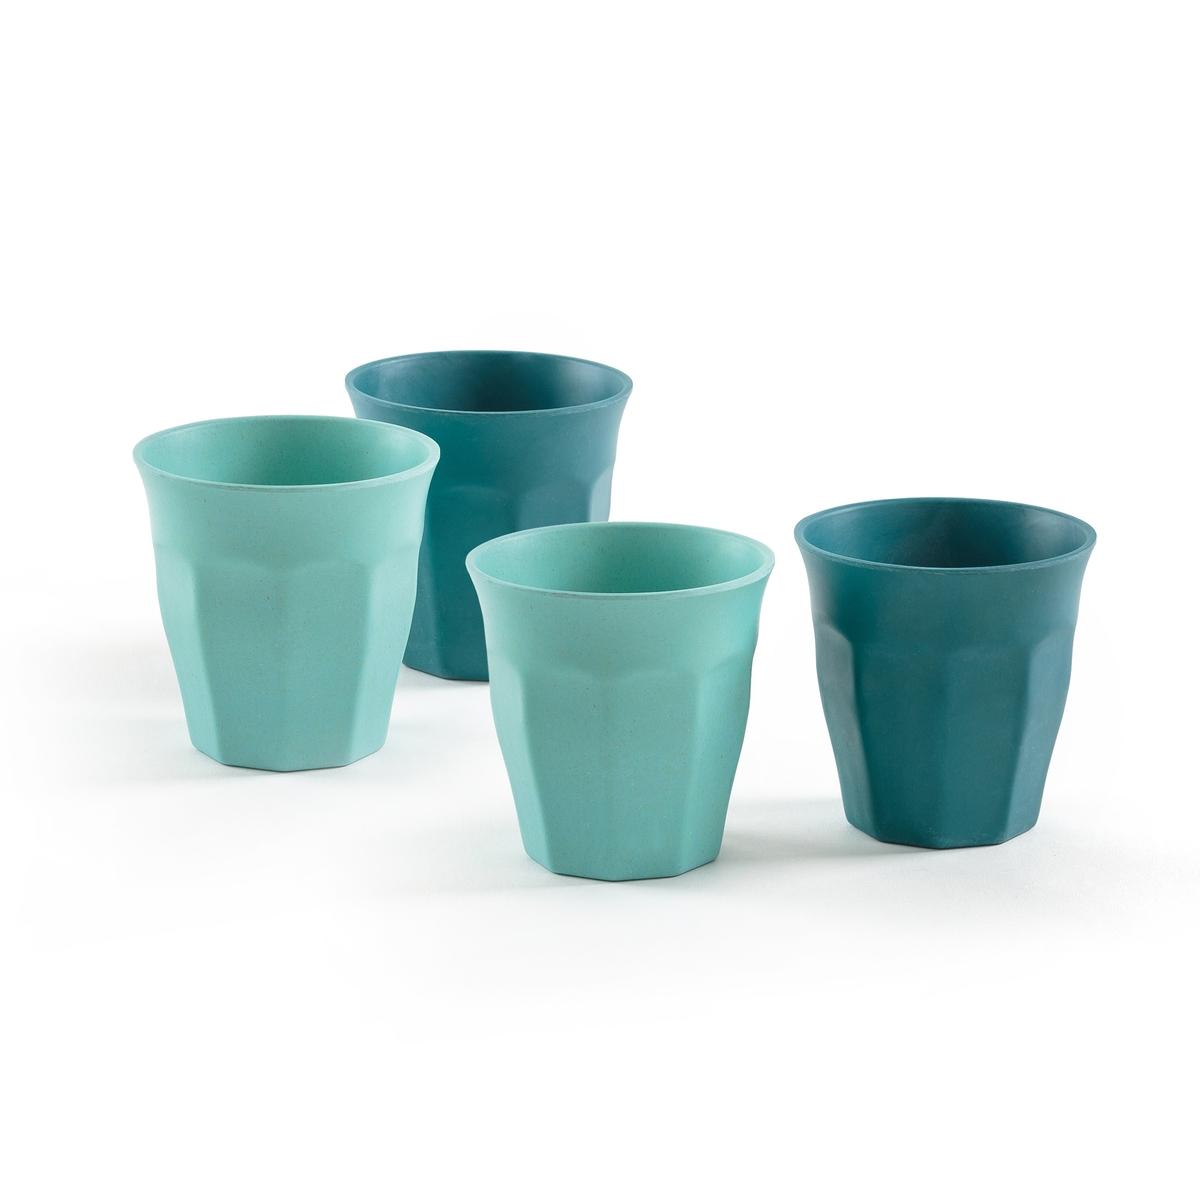 Комплект из 4 стаканов из бамбукового волокна, BOJAОписание:Комплект из 4 стаканов из бамбукового волокна La Redoute Interieurs : аутентичный крашеный бамбук для оригинальной композиции стола.Характеристики 4 стаканов : •  Бамбуковое волокно •  Форма бокала  •  2 соответствующие расцветкиРазмеры 4 стаканов : •  Размеры 8,8 x 8,8 смВсю коллекцию столового декора вы найдете на сайте laredoute.ru<br><br>Цвет: розовый